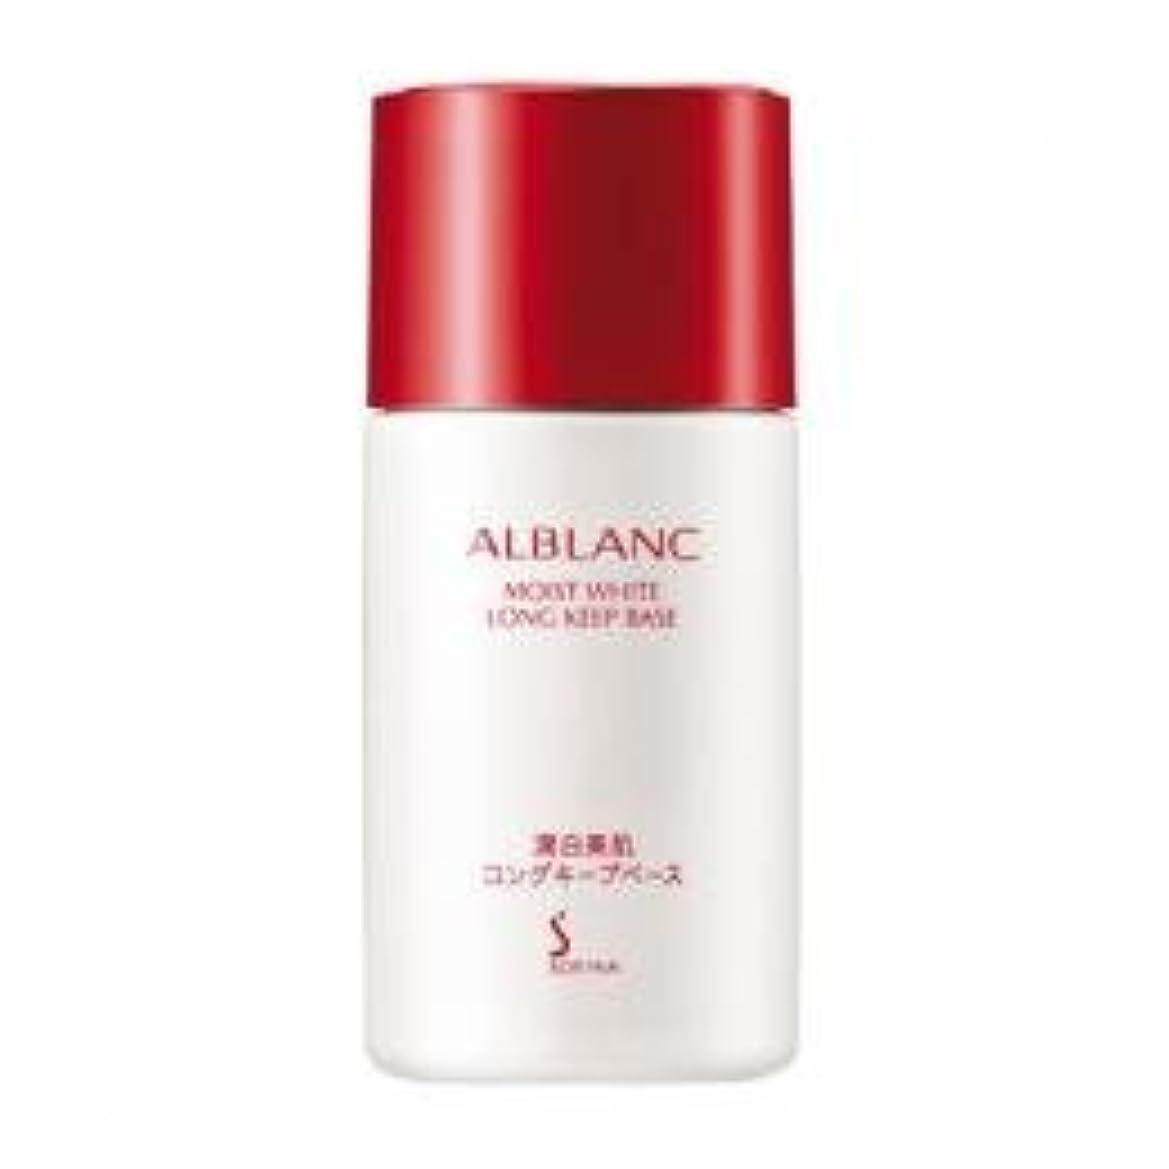 一方、ネブ水銀のアルブラン 潤白美肌 ロングキープベース 25ml